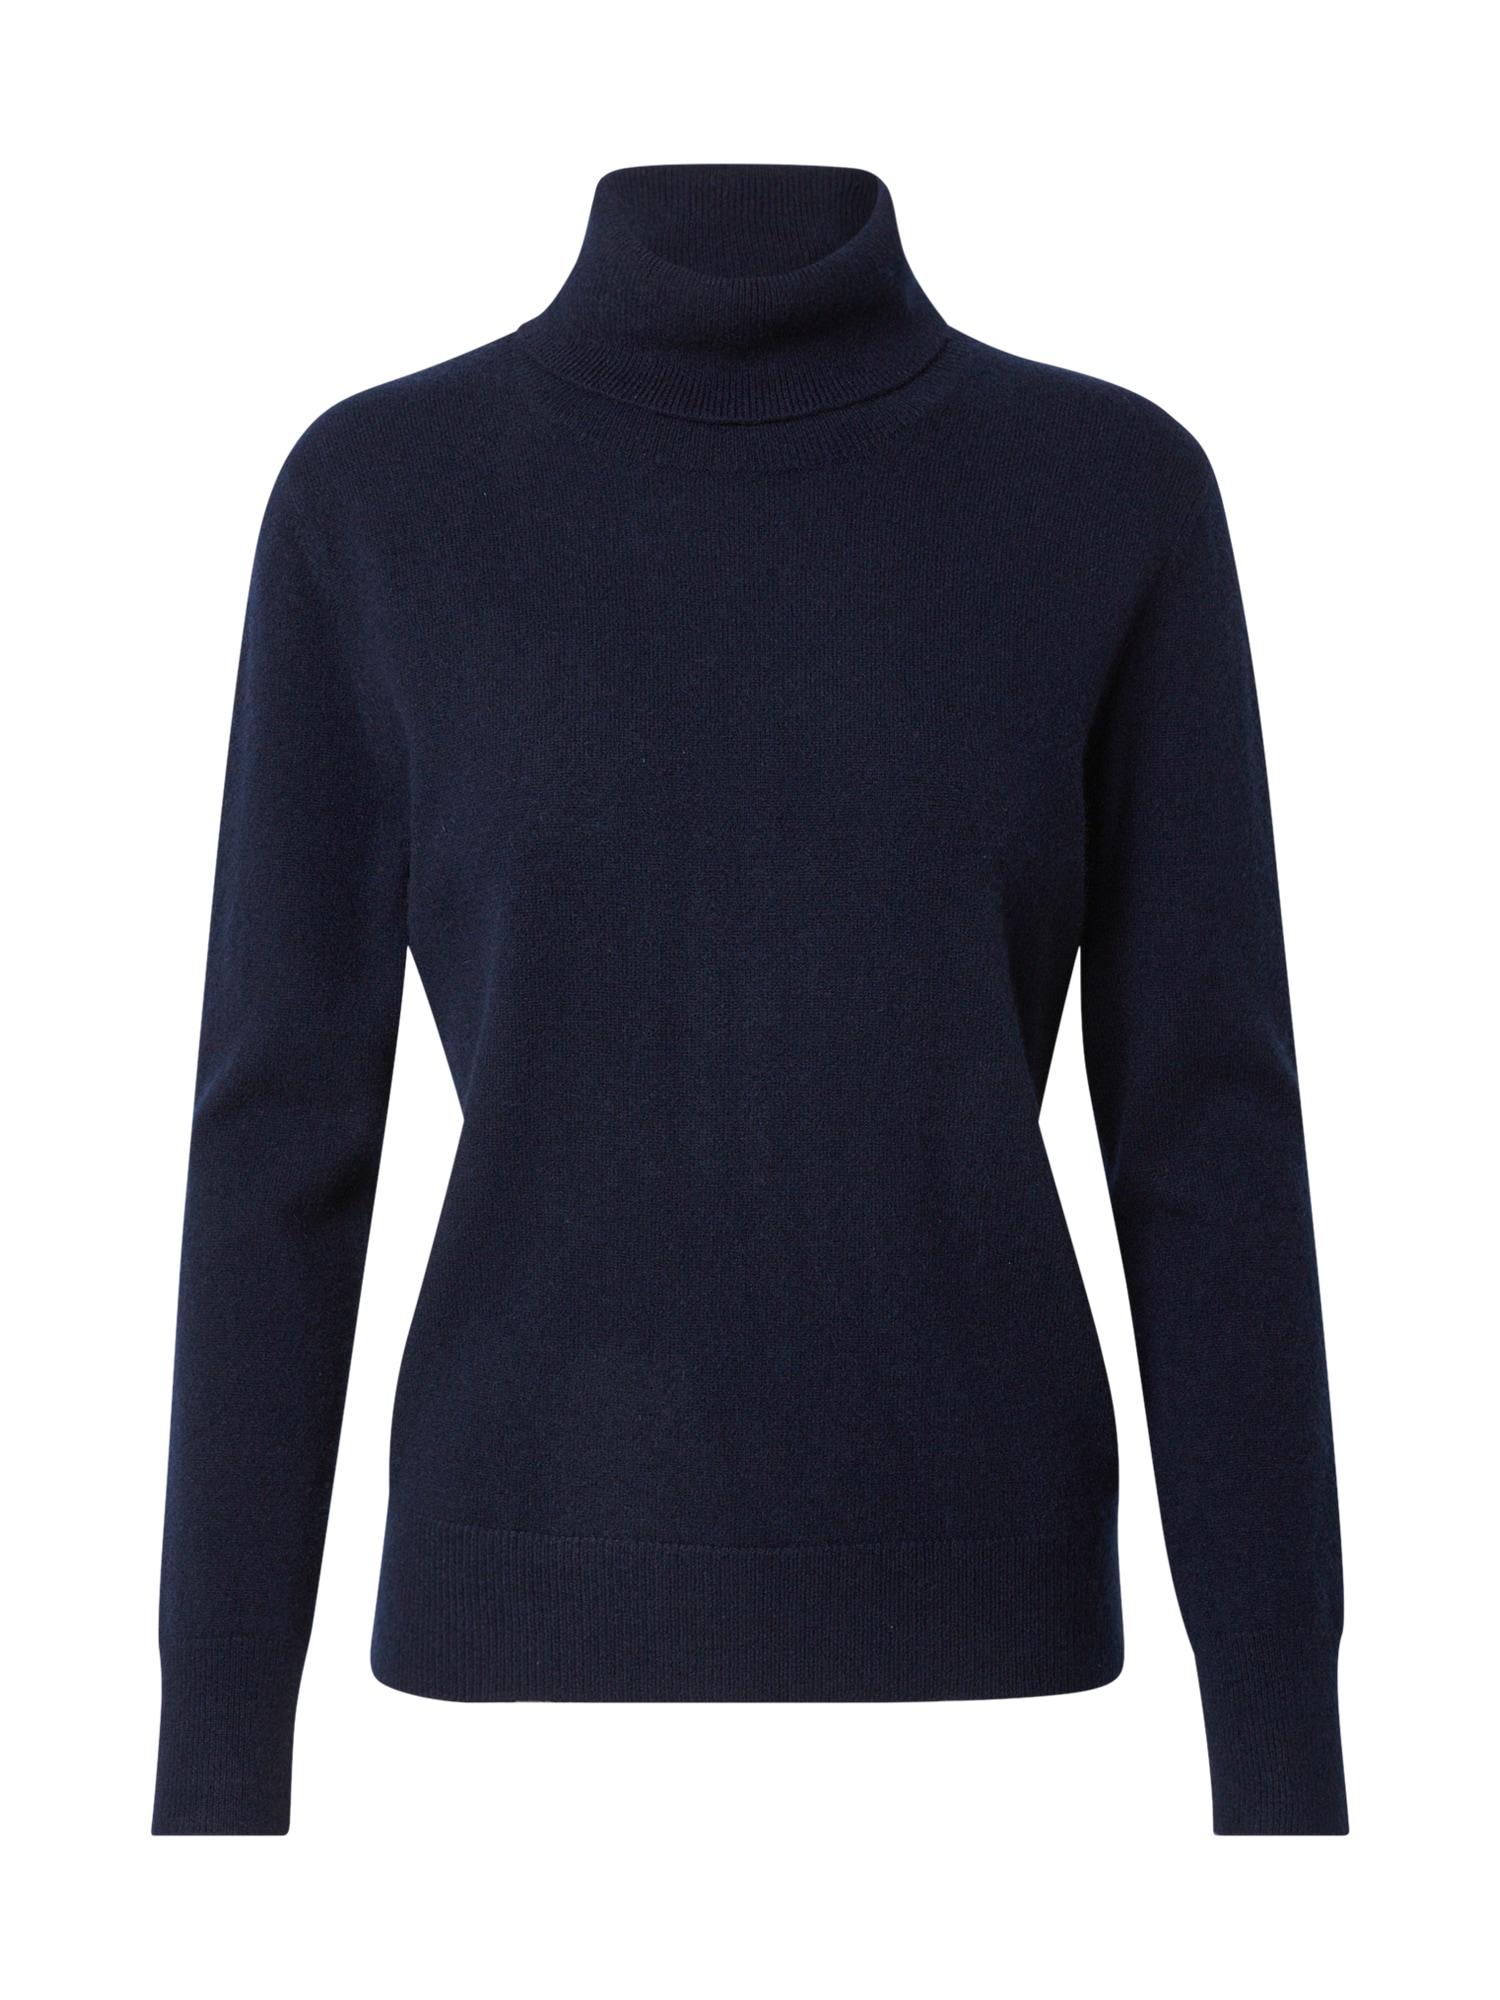 Pure Cashmere NYC Megztinis tamsiai mėlyna jūros spalva